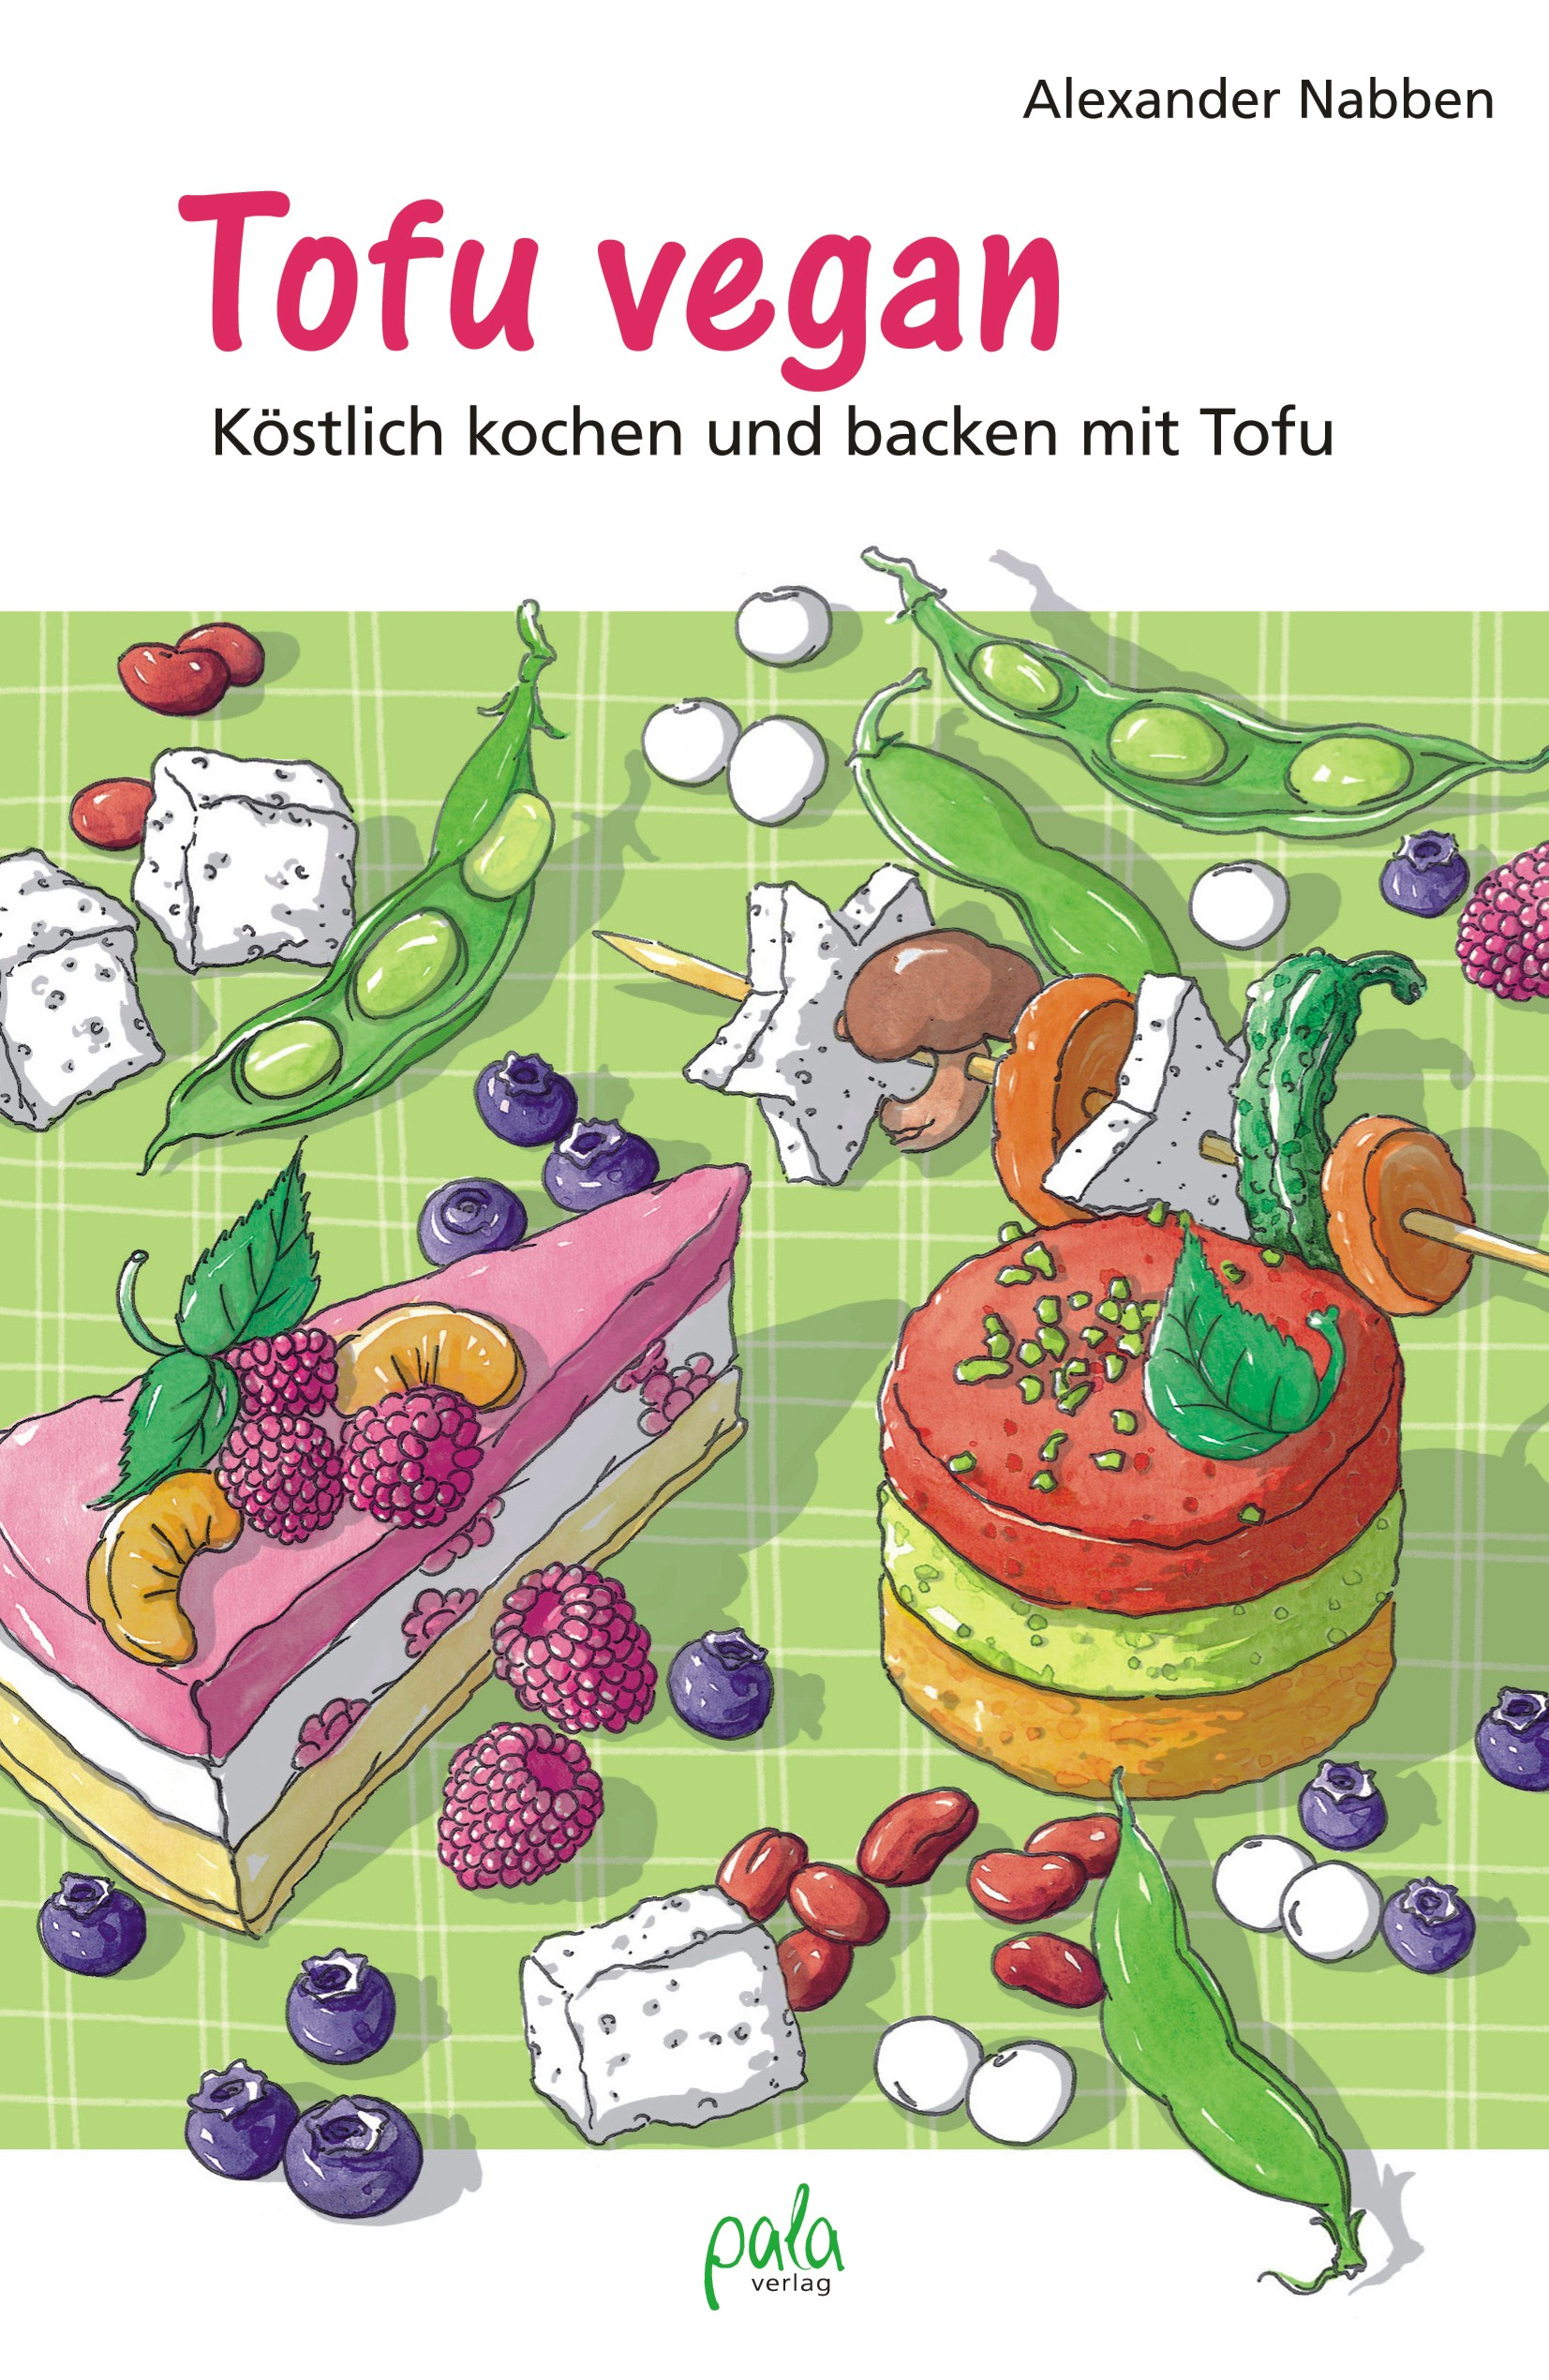 9783895662836 Tofu vegan